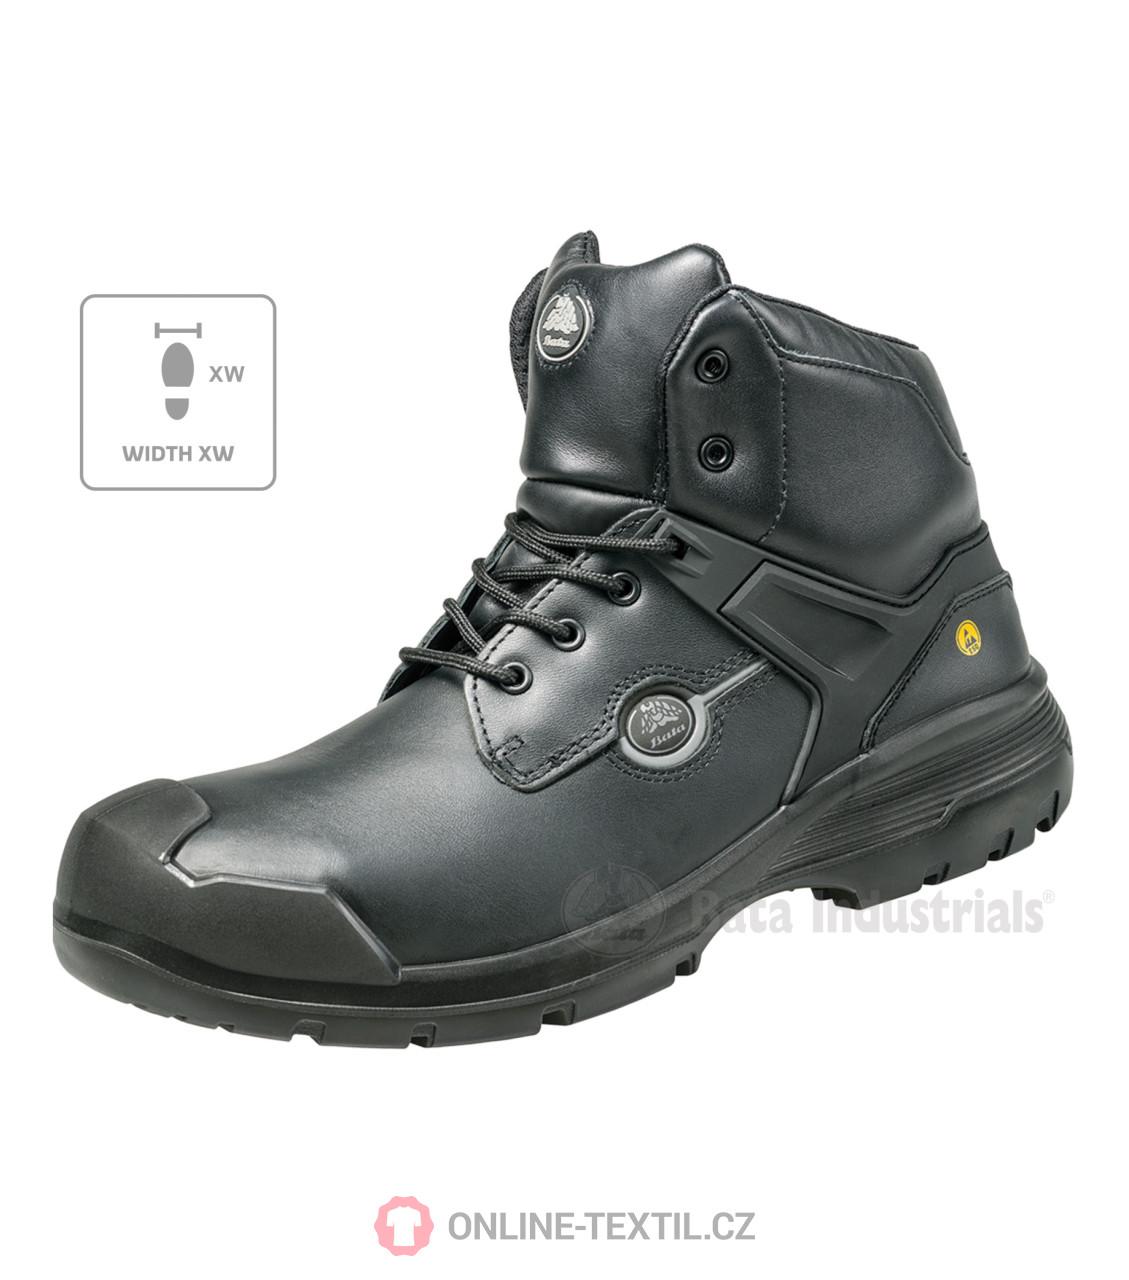 Bata Industrials Safety footwear S3